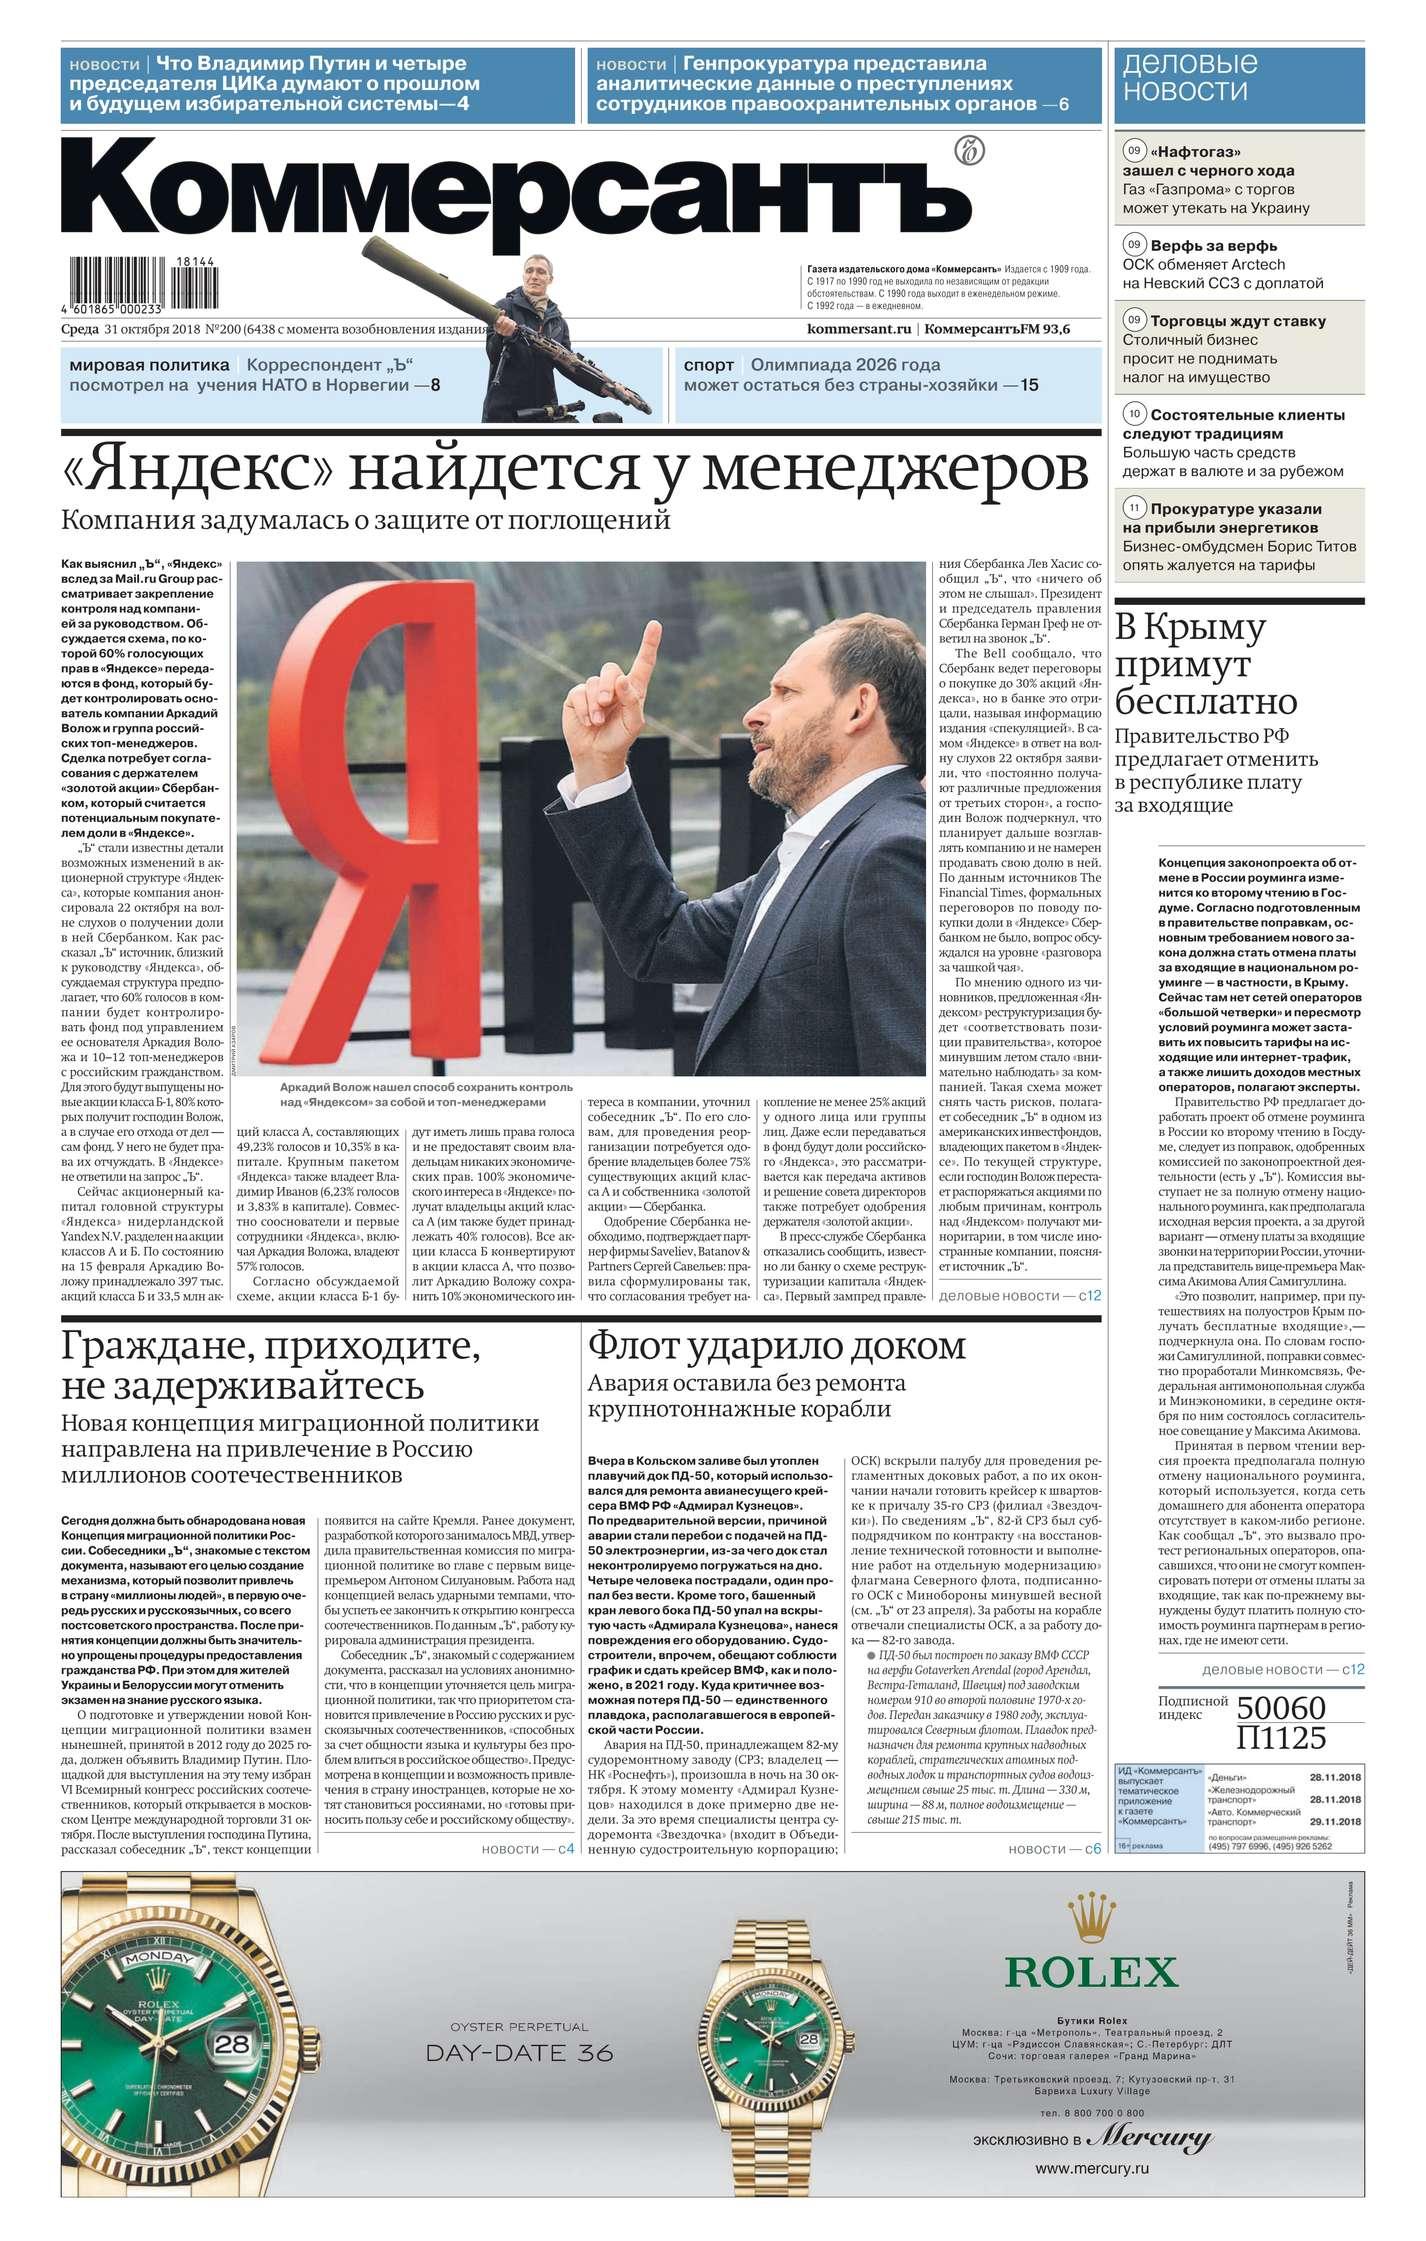 Редакция газеты Коммерсантъ (понедельник-пятница) Коммерсантъ (понедельник-пятница) 200-2018 цена